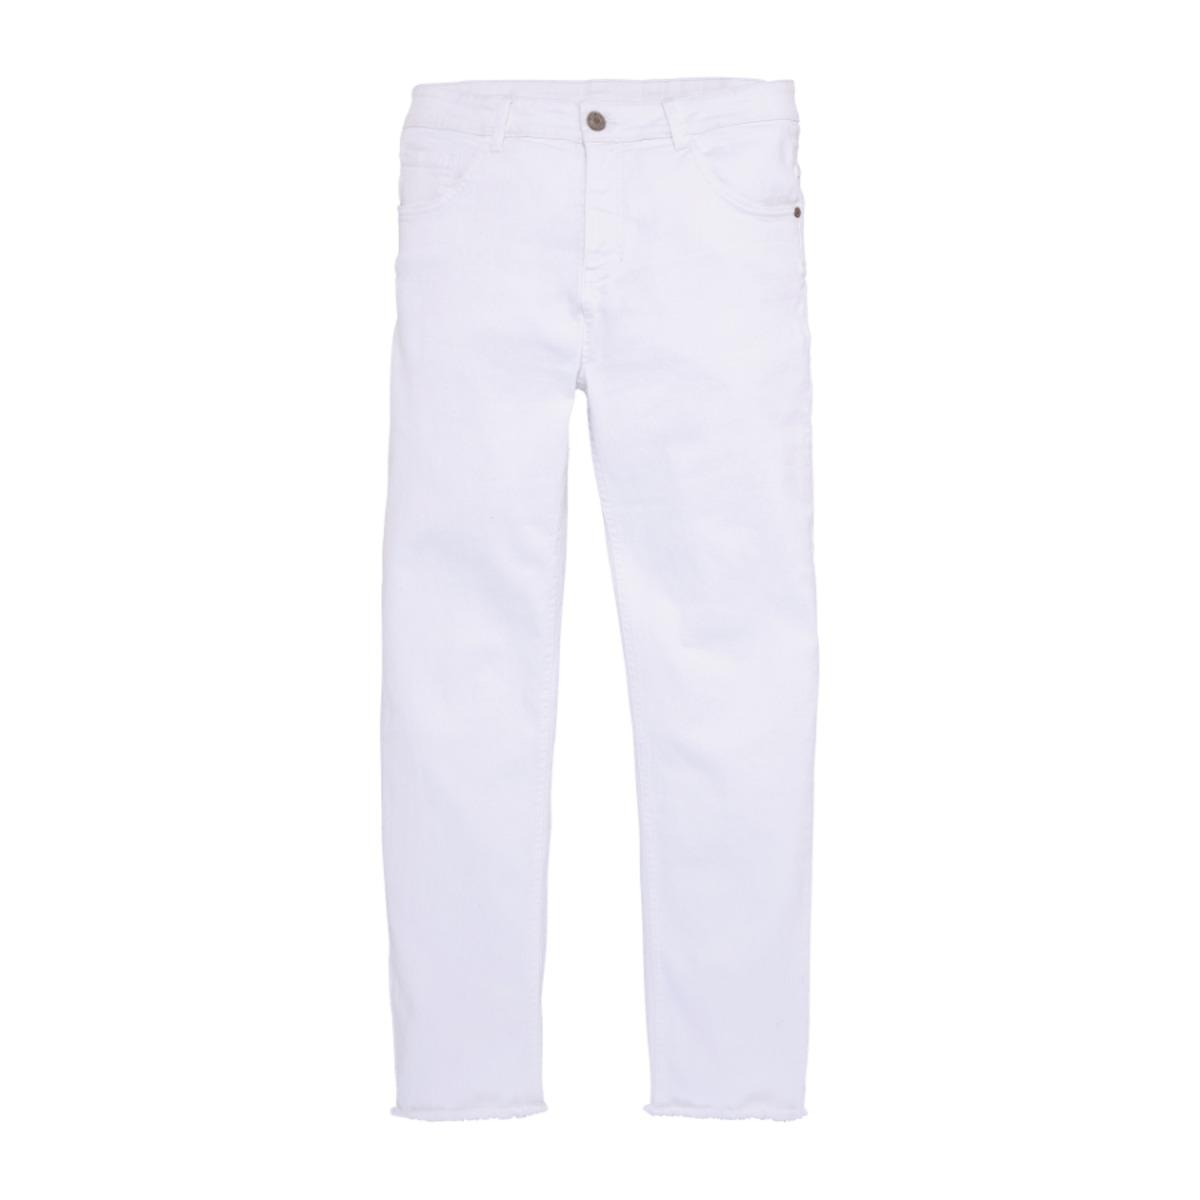 Bild 2 von UP2FASHION     Jeans